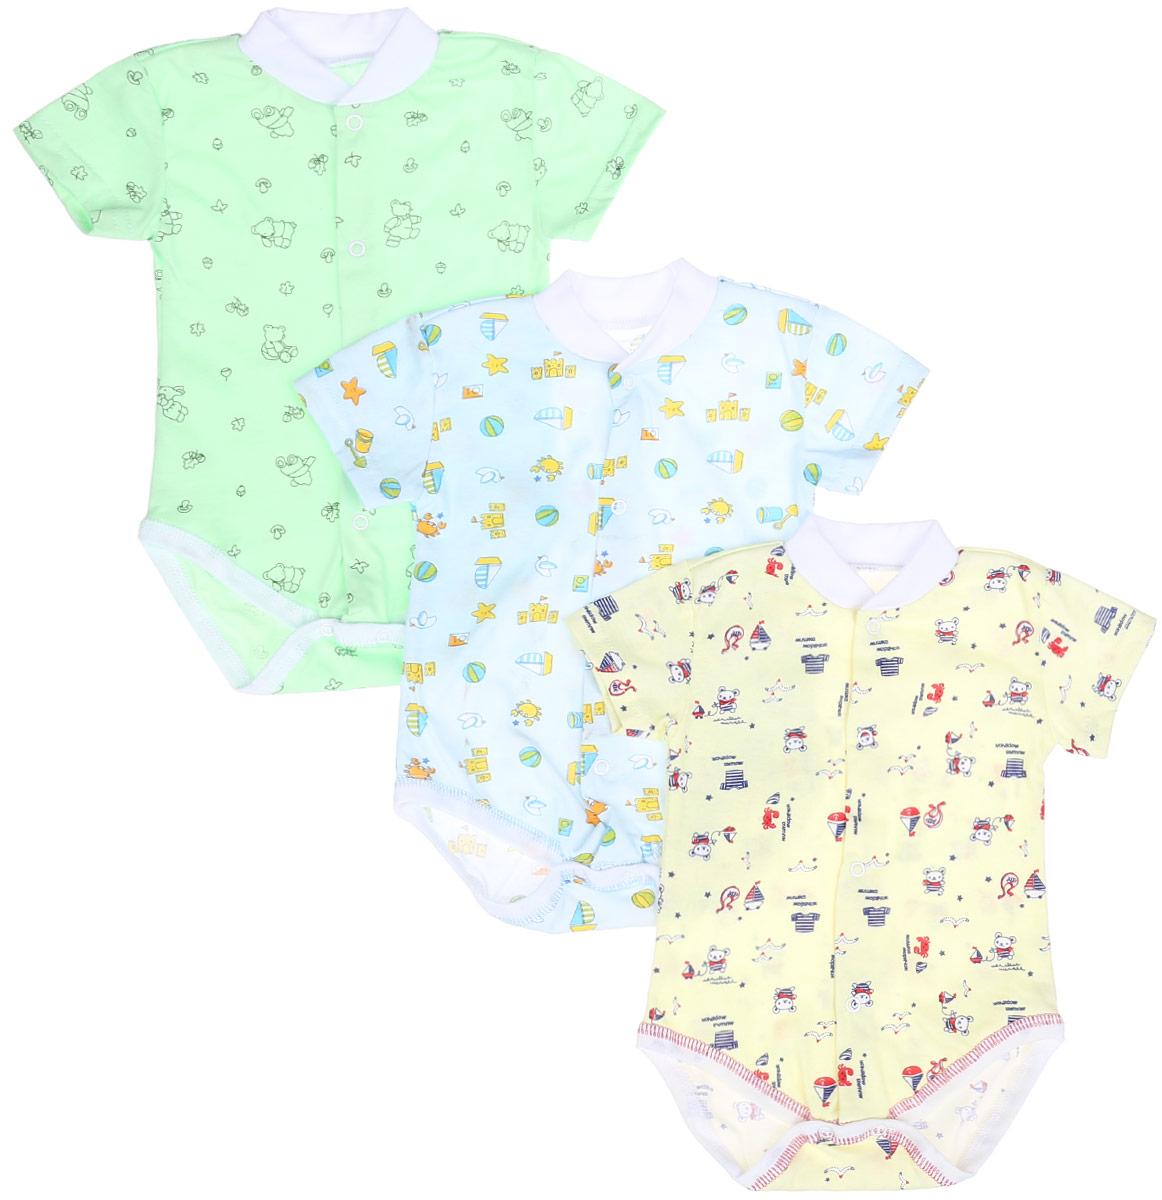 Боди-футболка детское Фреш Стайл, цвет: голубой, желтый, светло-зеленый, 3 шт. 10-325м. Размер 68, 6 месяцев10-325мКомплект Фреш Стайл состоит из трех детских боди. Выполненные из натурального хлопка, они мягкие и легкие, не раздражают нежную кожу ребенка и хорошо вентилируются. Боди с круглым вырезом горловины и короткими рукавами имеют удобные застежки-кнопки по всей длине и на ластовице, которые помогают легко переодеть младенца или сменить подгузник. Застежки-кнопки располагаются по центру модели. Круглый вырез горловины дополнен мягкой трикотажной резинкой. Украшены боди яркими рисунками.Боди полностью соответствуют особенностям жизни малыша в ранний период, не стесняя и не ограничивая его в движениях!УВАЖАЕМЫЕ КЛИЕНТЫ! Обращаем ваше внимание на тот факт, что товар поставляется в цветовом ассортименте. Поставка осуществляется в зависимости от наличия на складе.